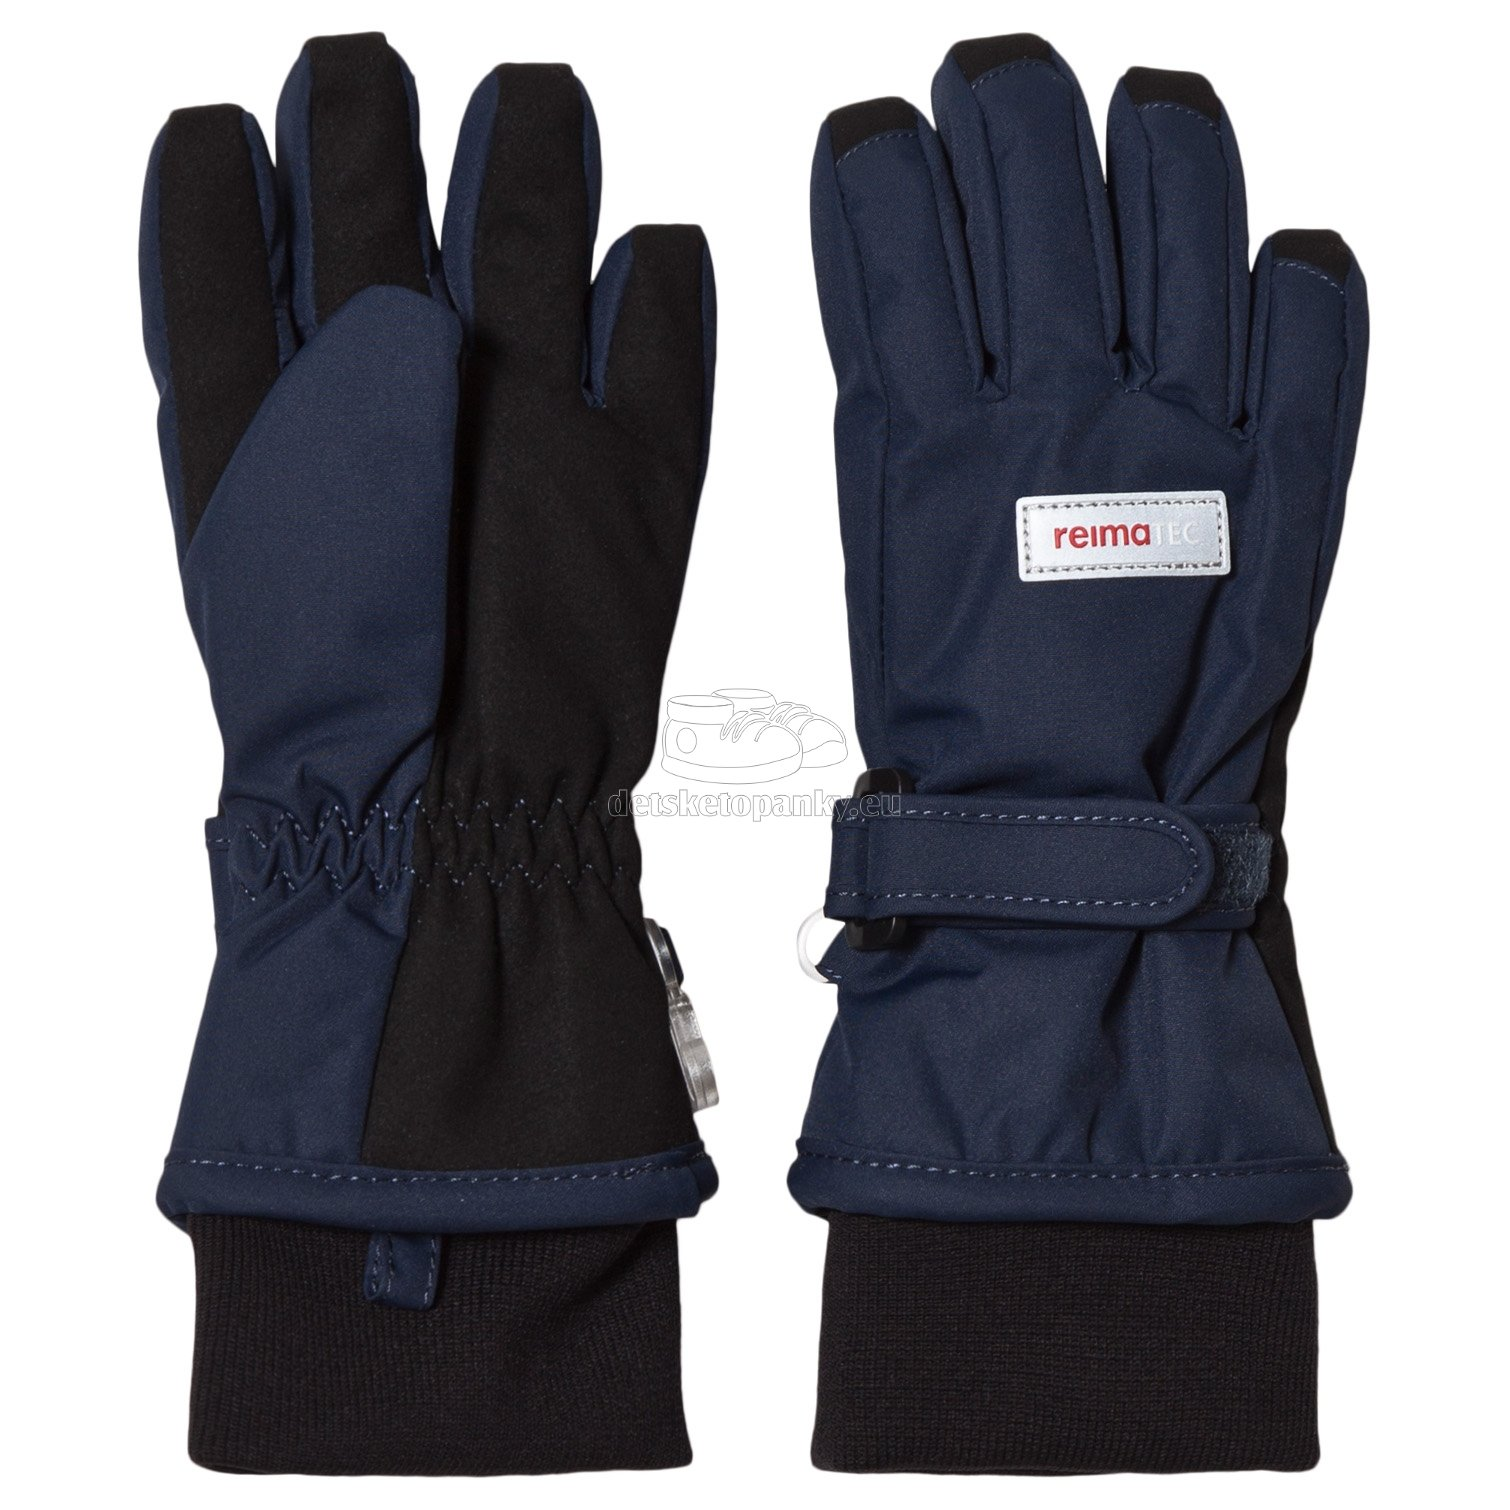 Detské rukavice Reima 527289 Tartu blue